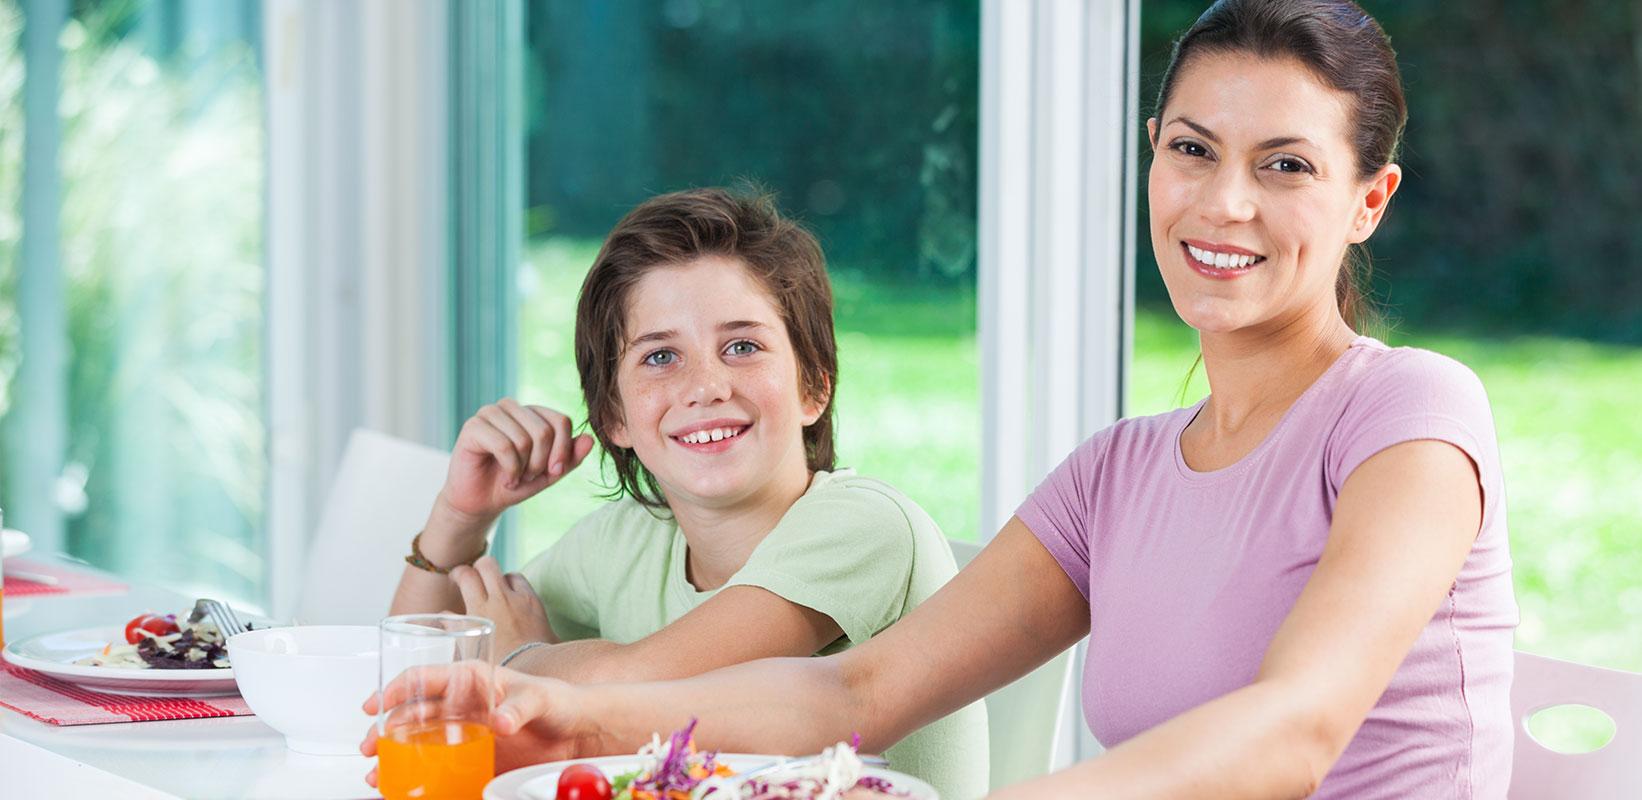 Comportamentos saudáveis na hora da alimentação